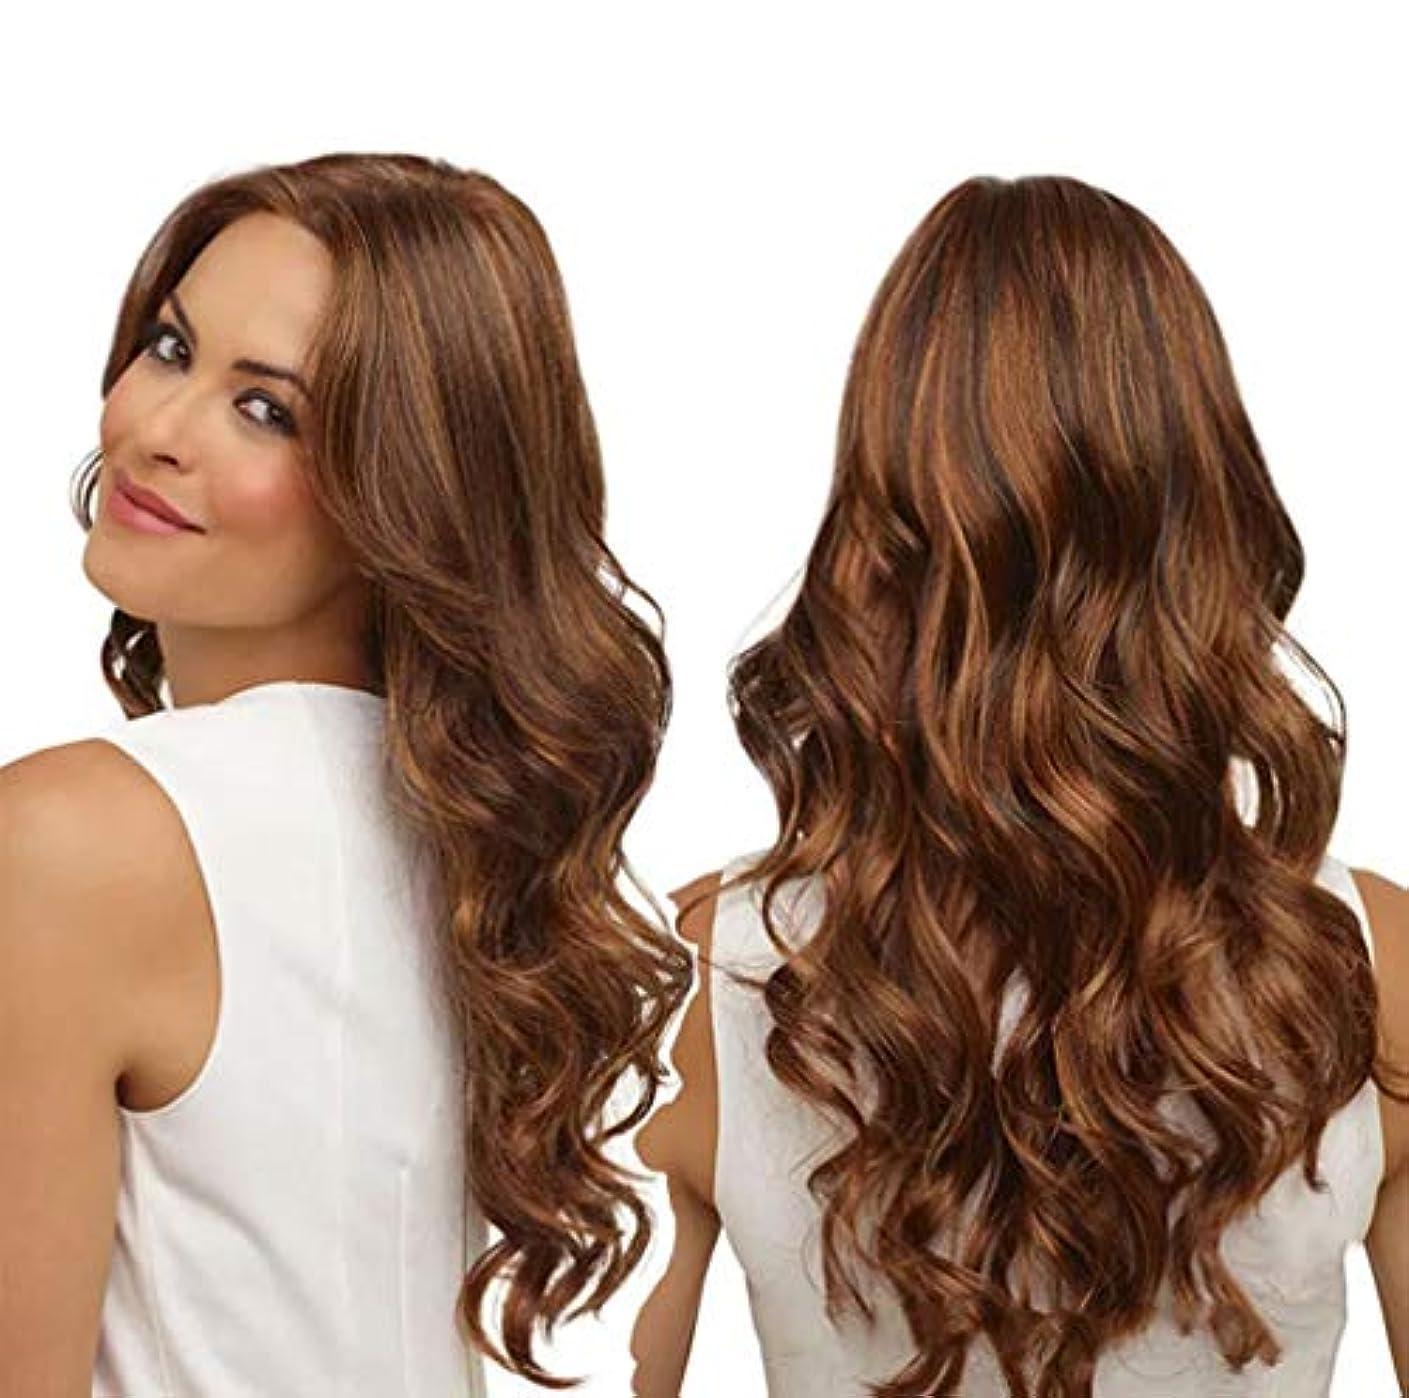 処理する放置高さ女性かつら150%密度耐熱合成繊維人毛水波かつらベビー髪かつら65センチ